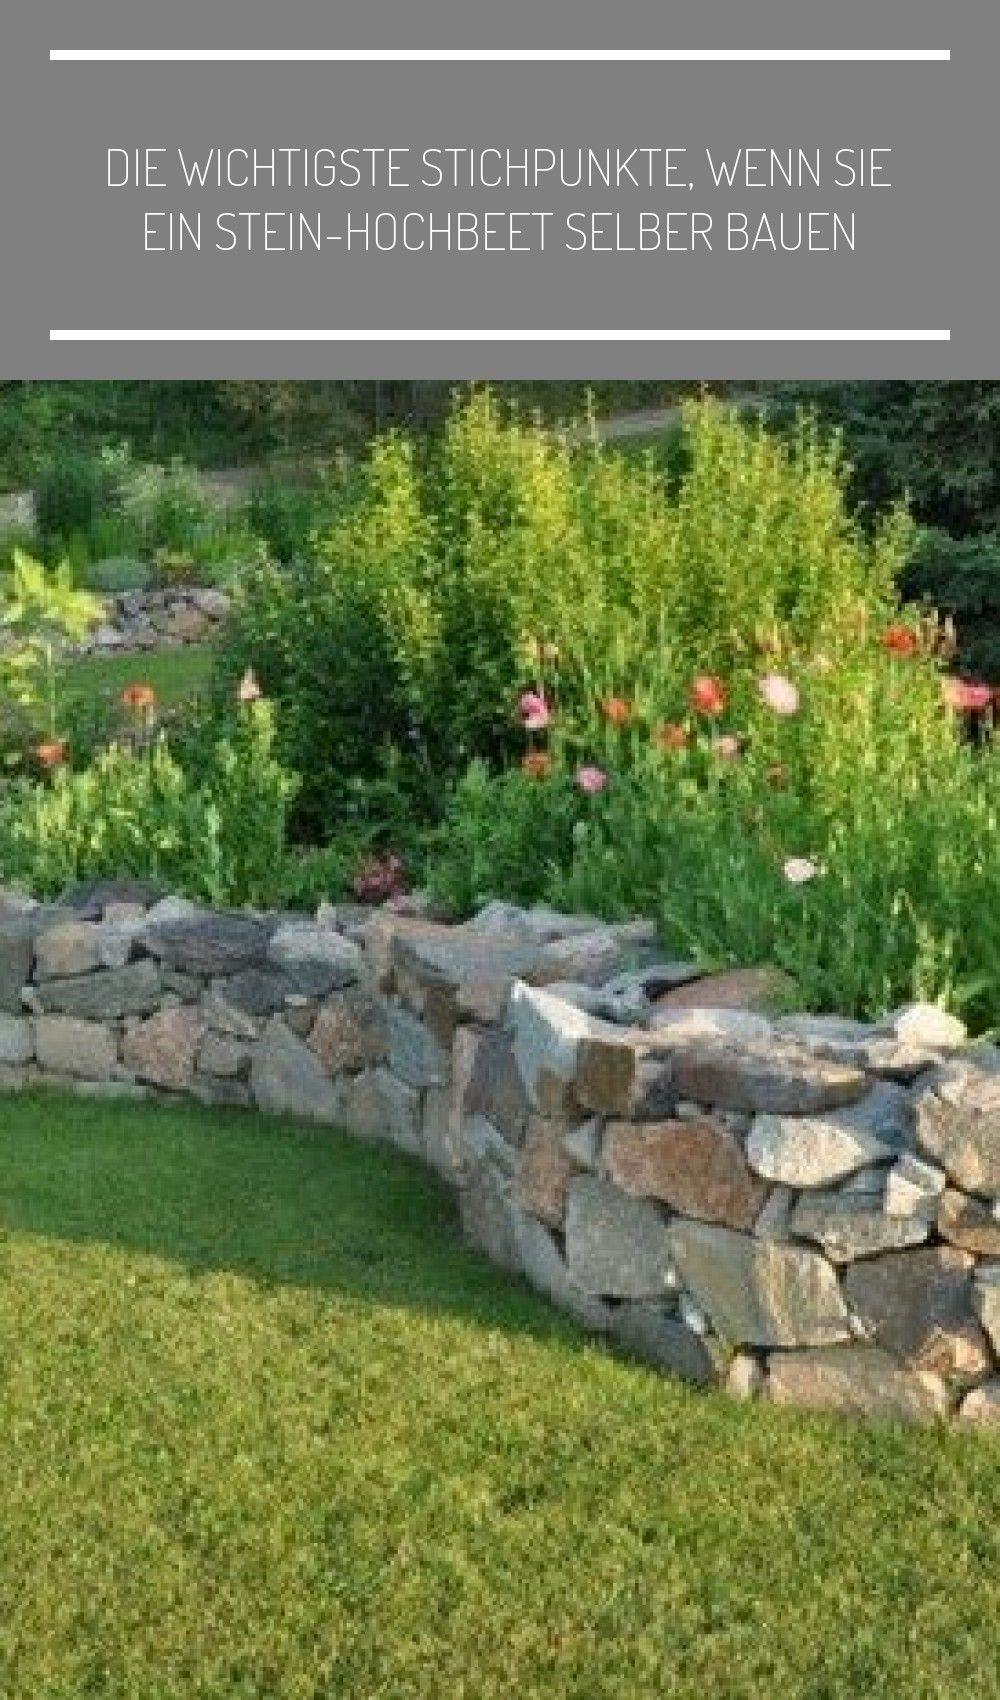 Die Wichtigste Stichpunkte We In 2020 Outdoor Decor Stepping Stones Beets